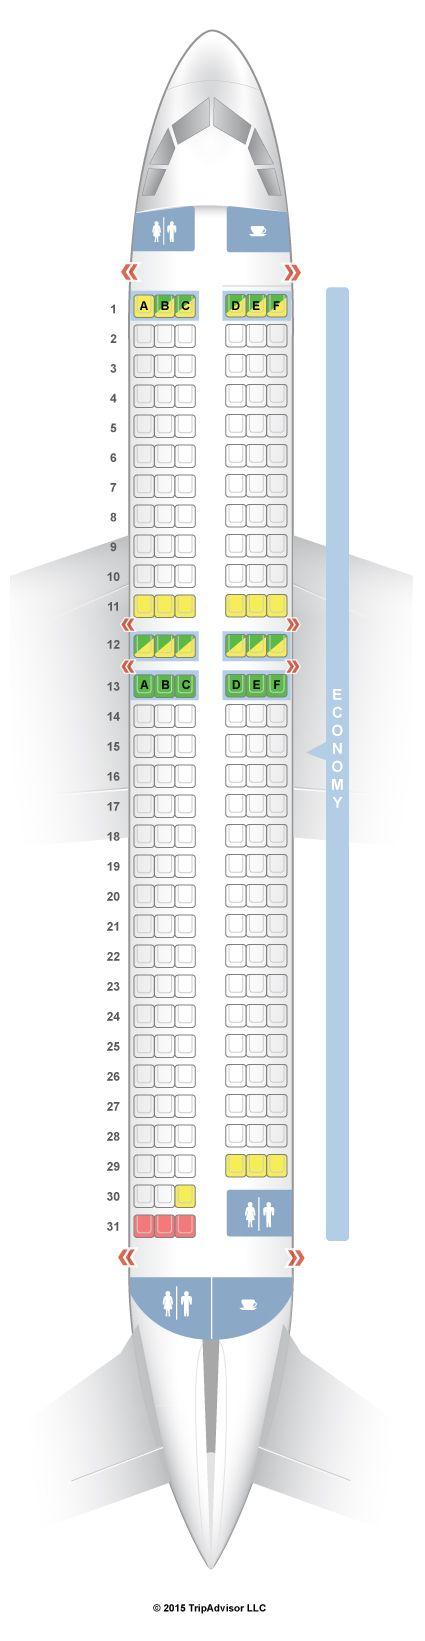 Easyjet Seat Map SeatGuru Seat Map easyJet Airbus A320 (320) V1 | Travel | Plane